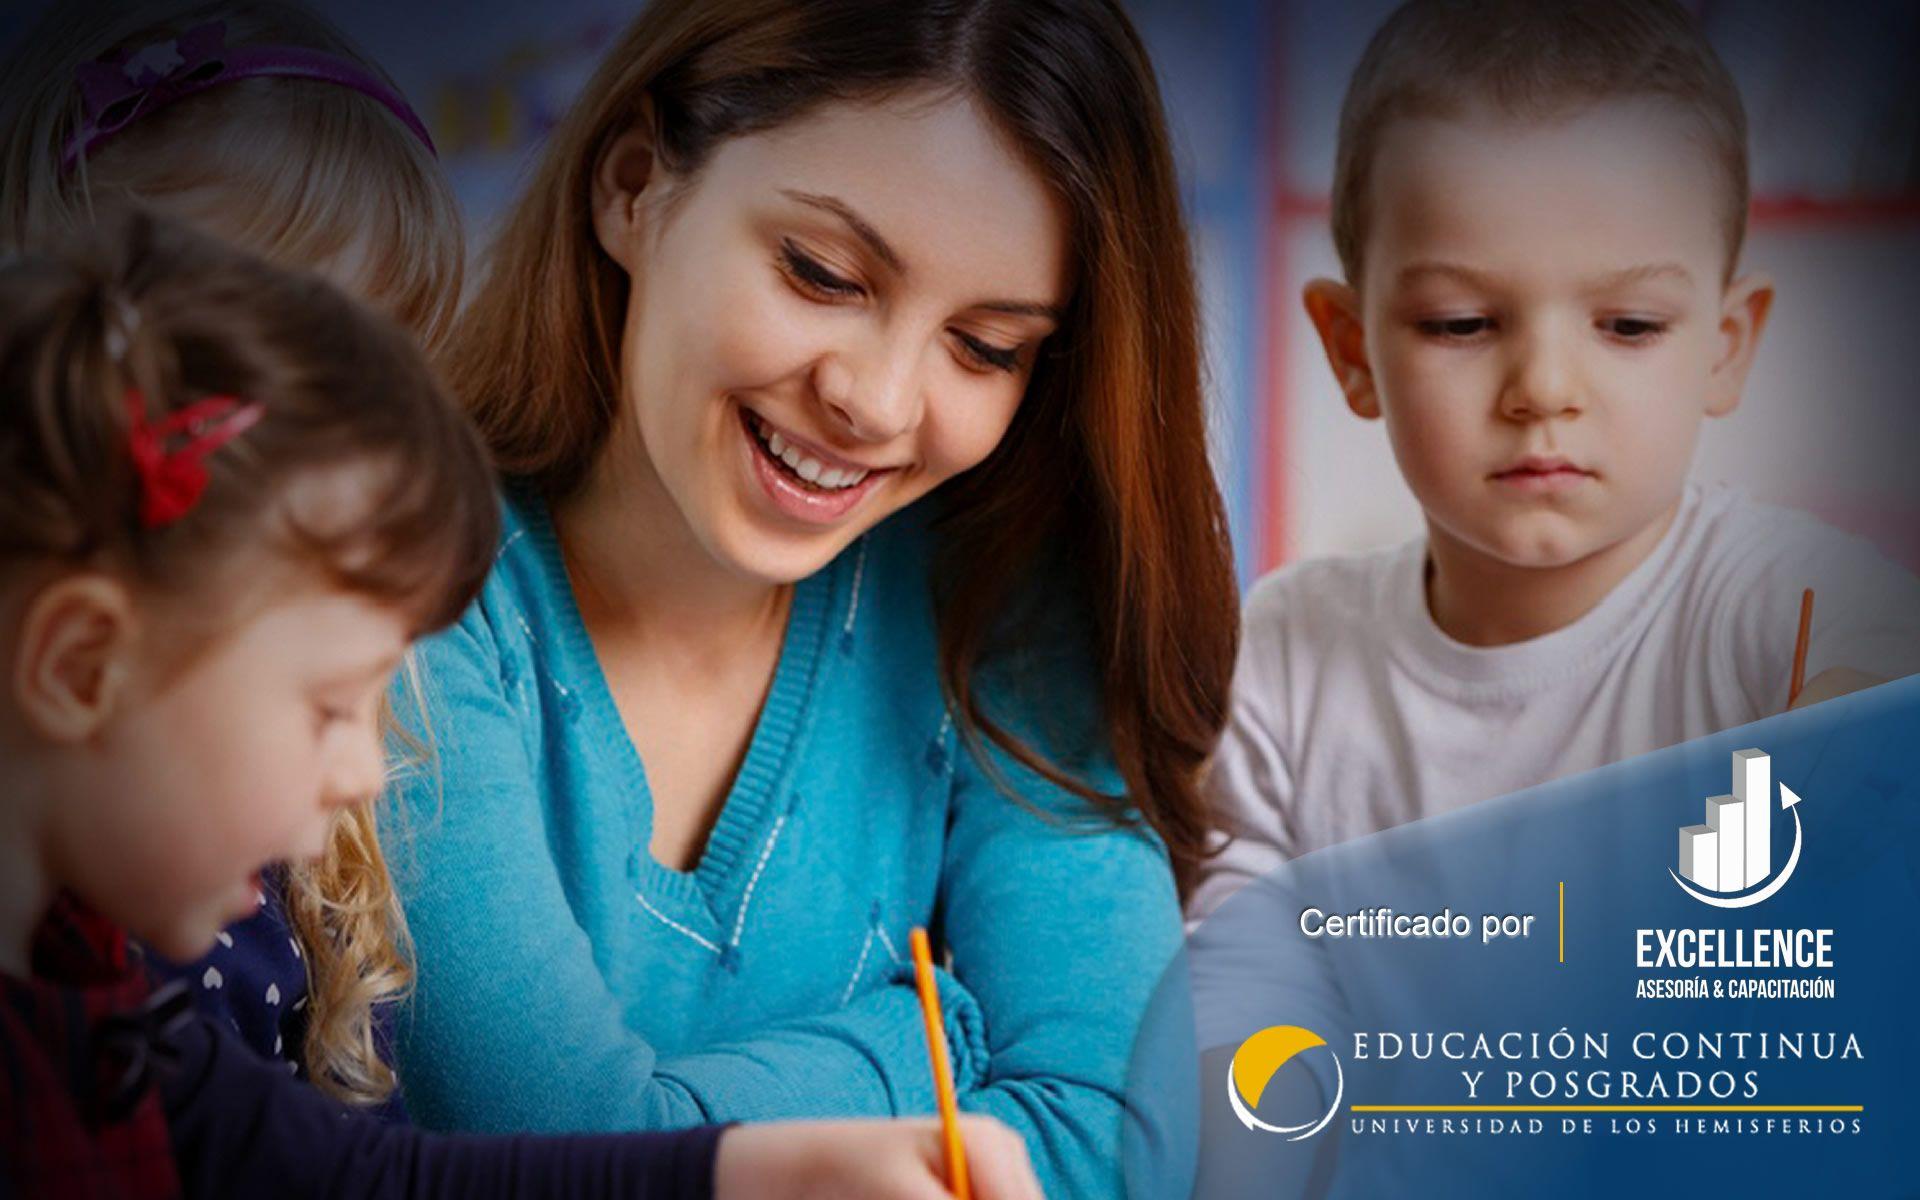 Certificación de Asistente de Educación Inicial para Niños de 4-5 años